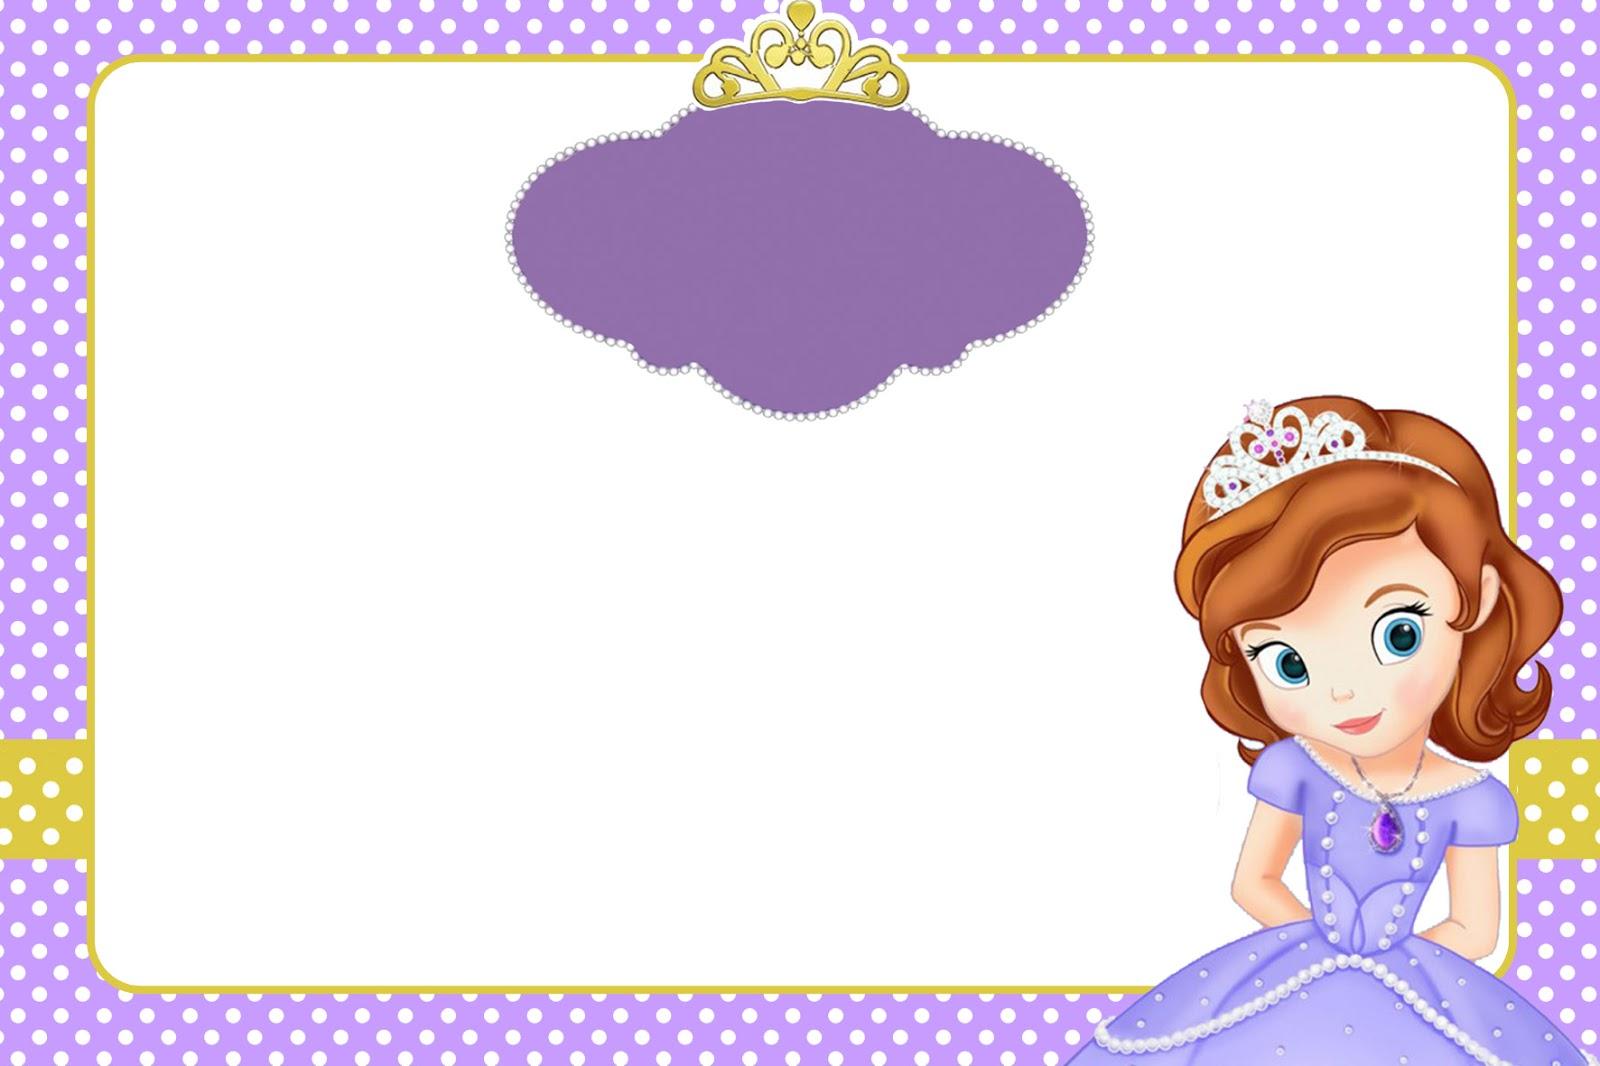 Princesa Sofia ♥ Sofia The First on Pinterest | Sofia The ...